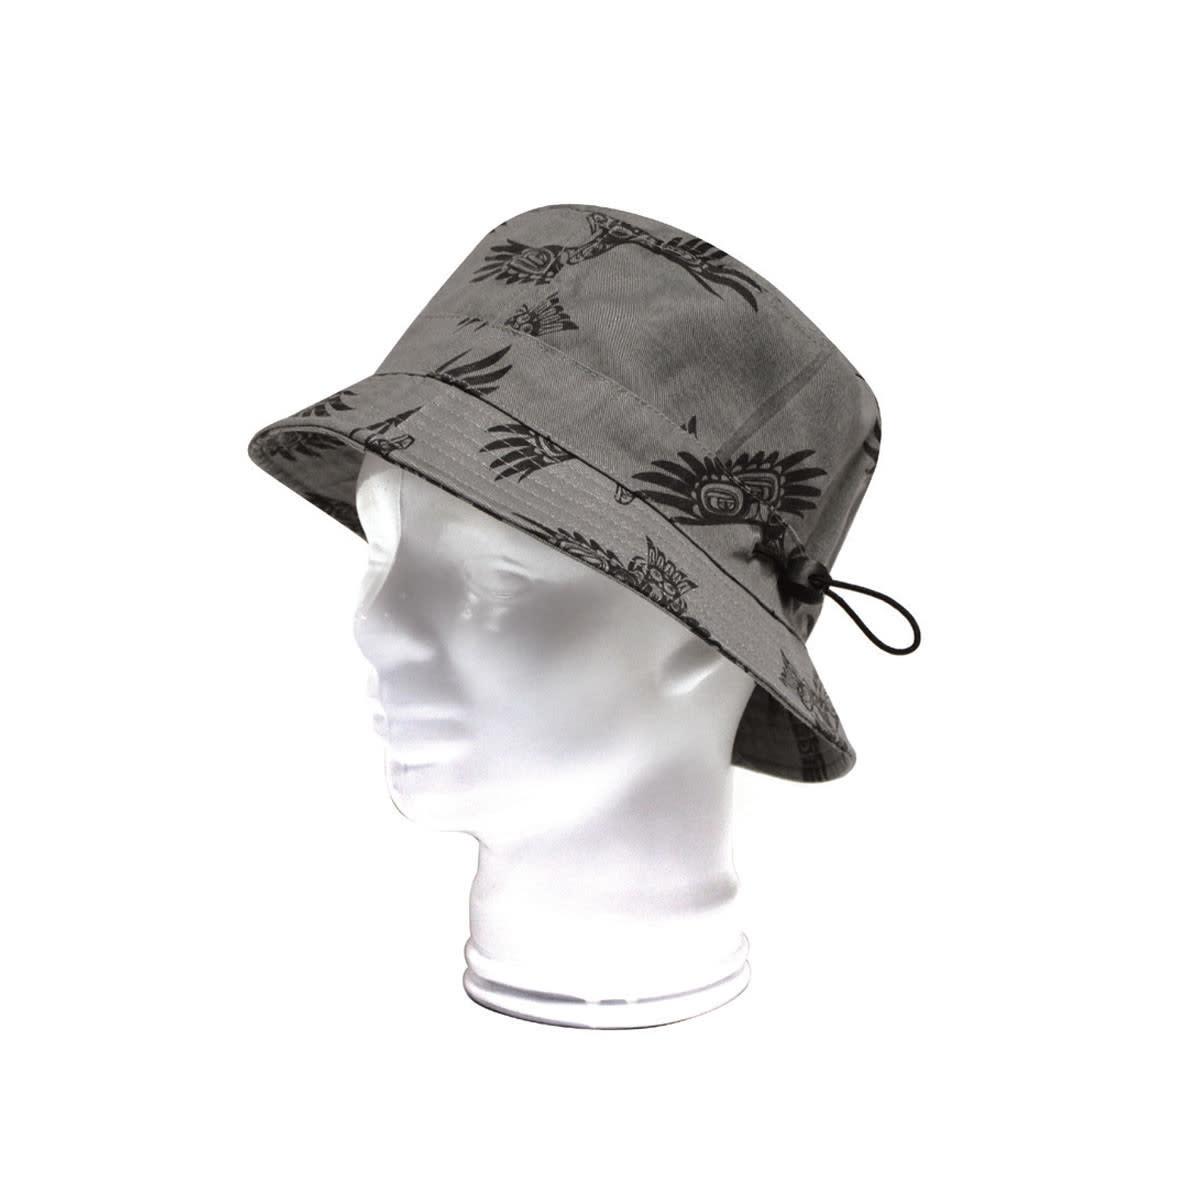 Bucket Hat - Soaring Eagle by Corey Bulpitt-1